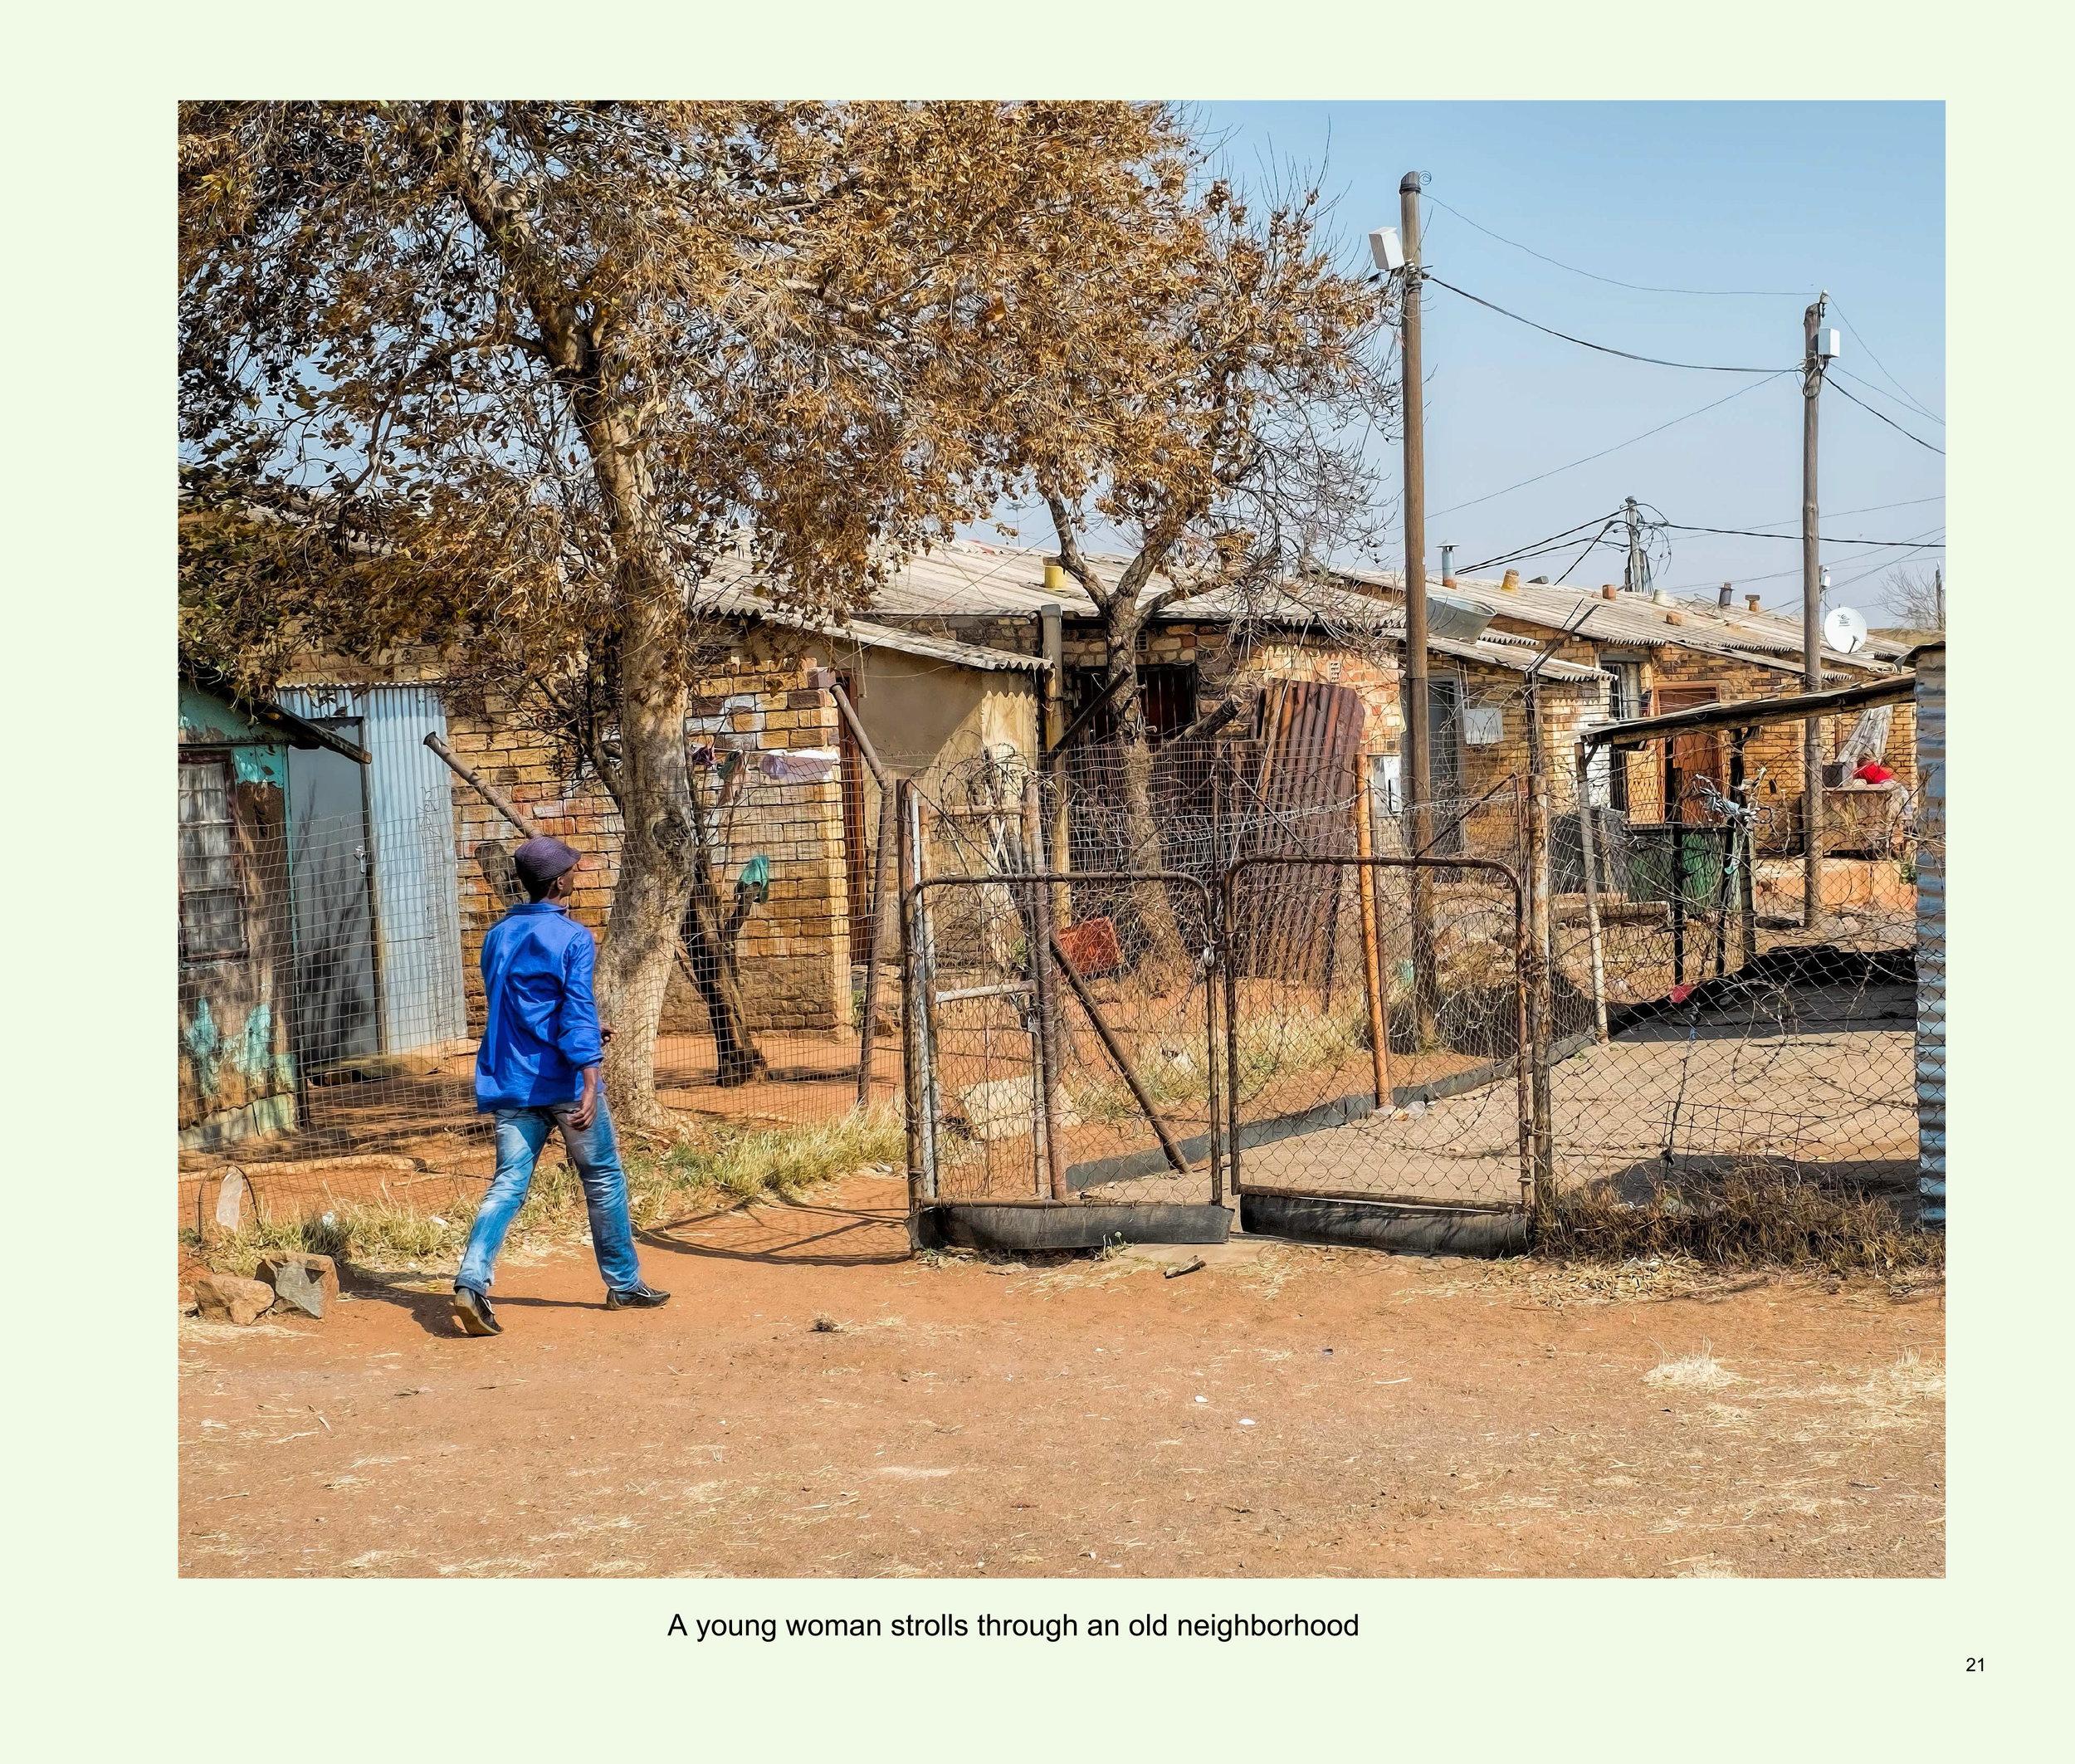 ImagesASouthernAfricaRoadTrip-23.jpg